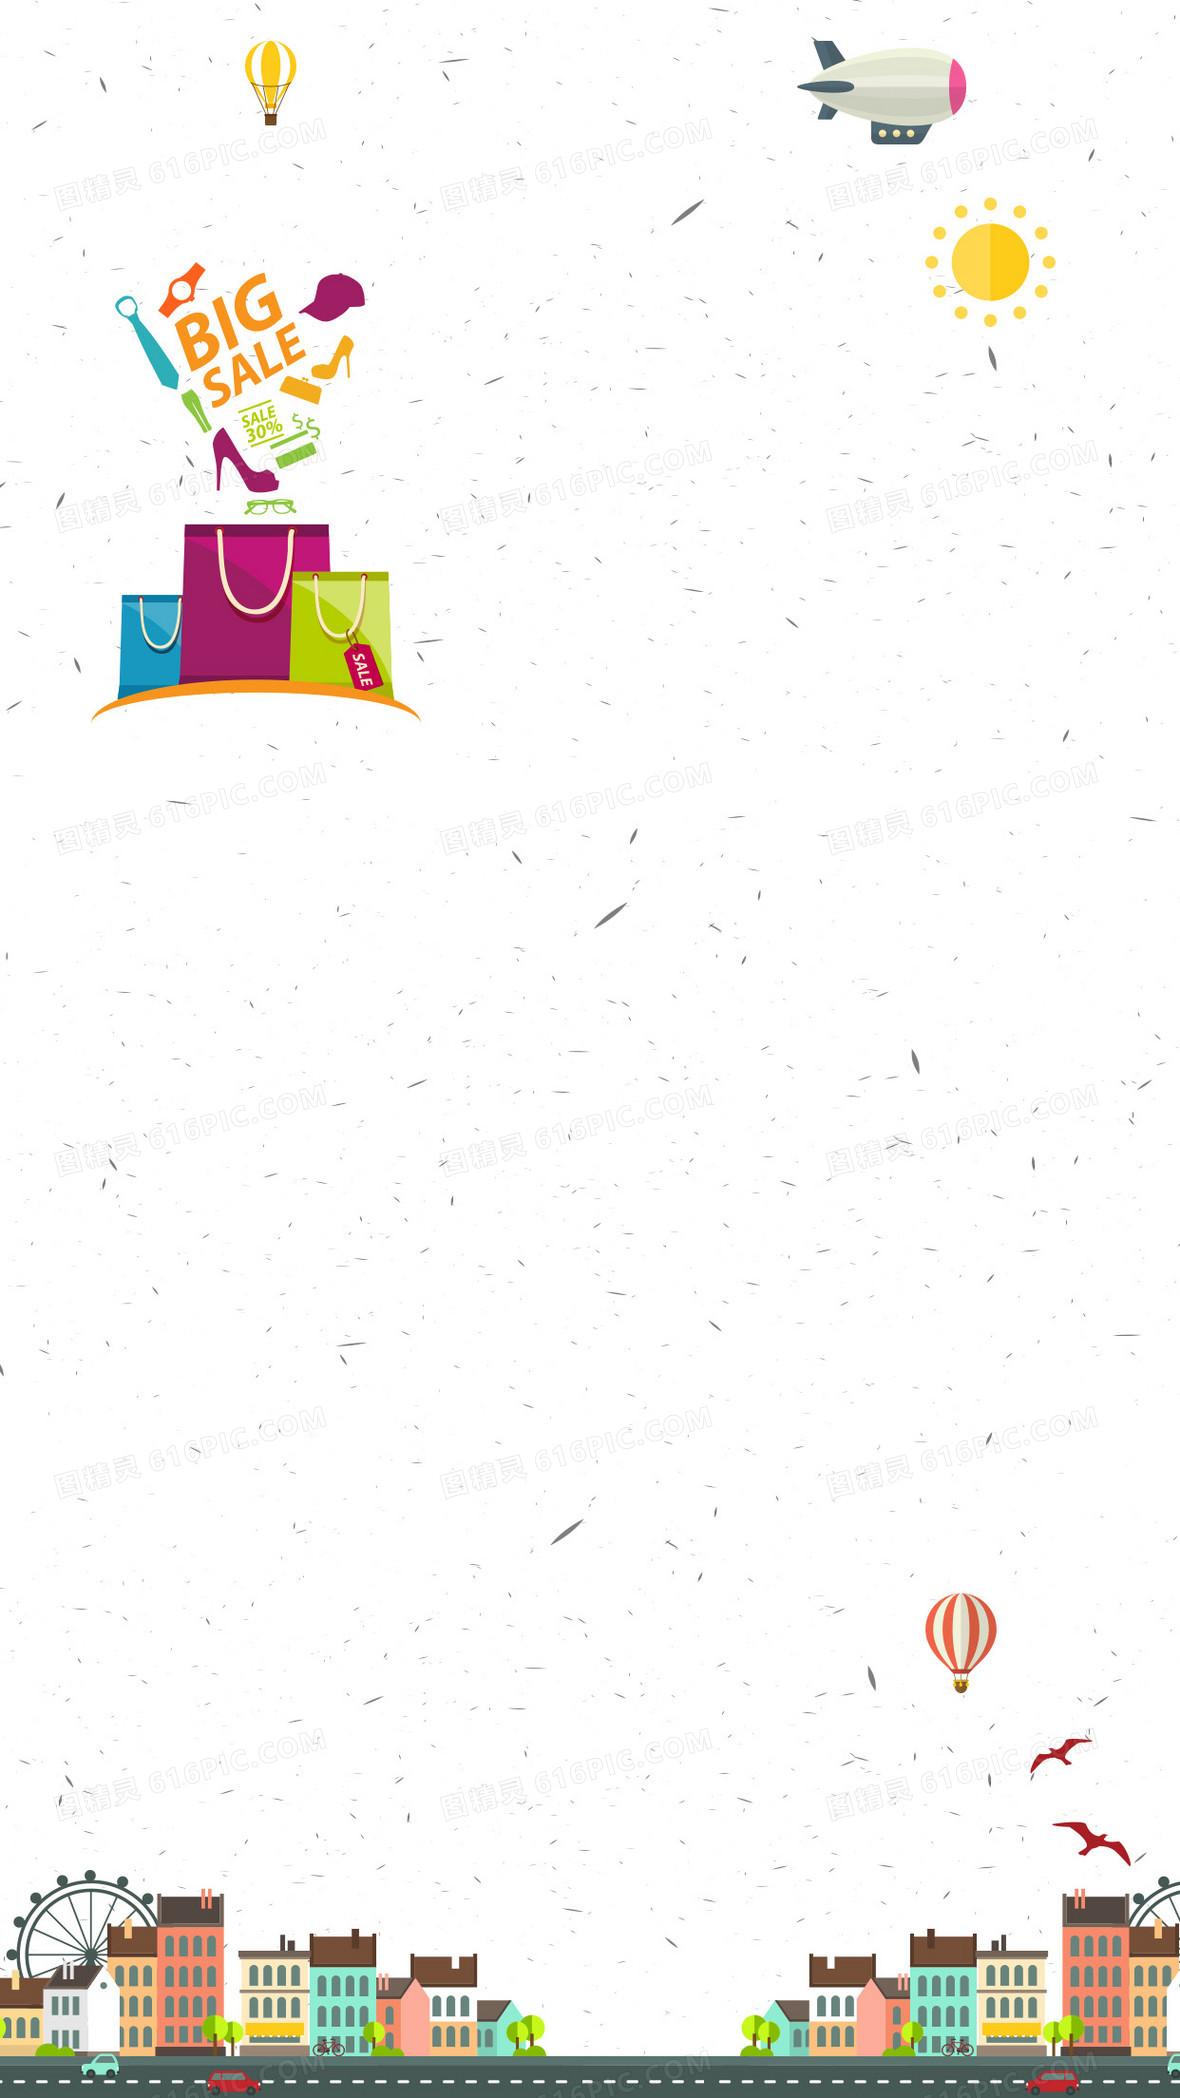 扁平城市高楼手绘新店开业h5背景素材